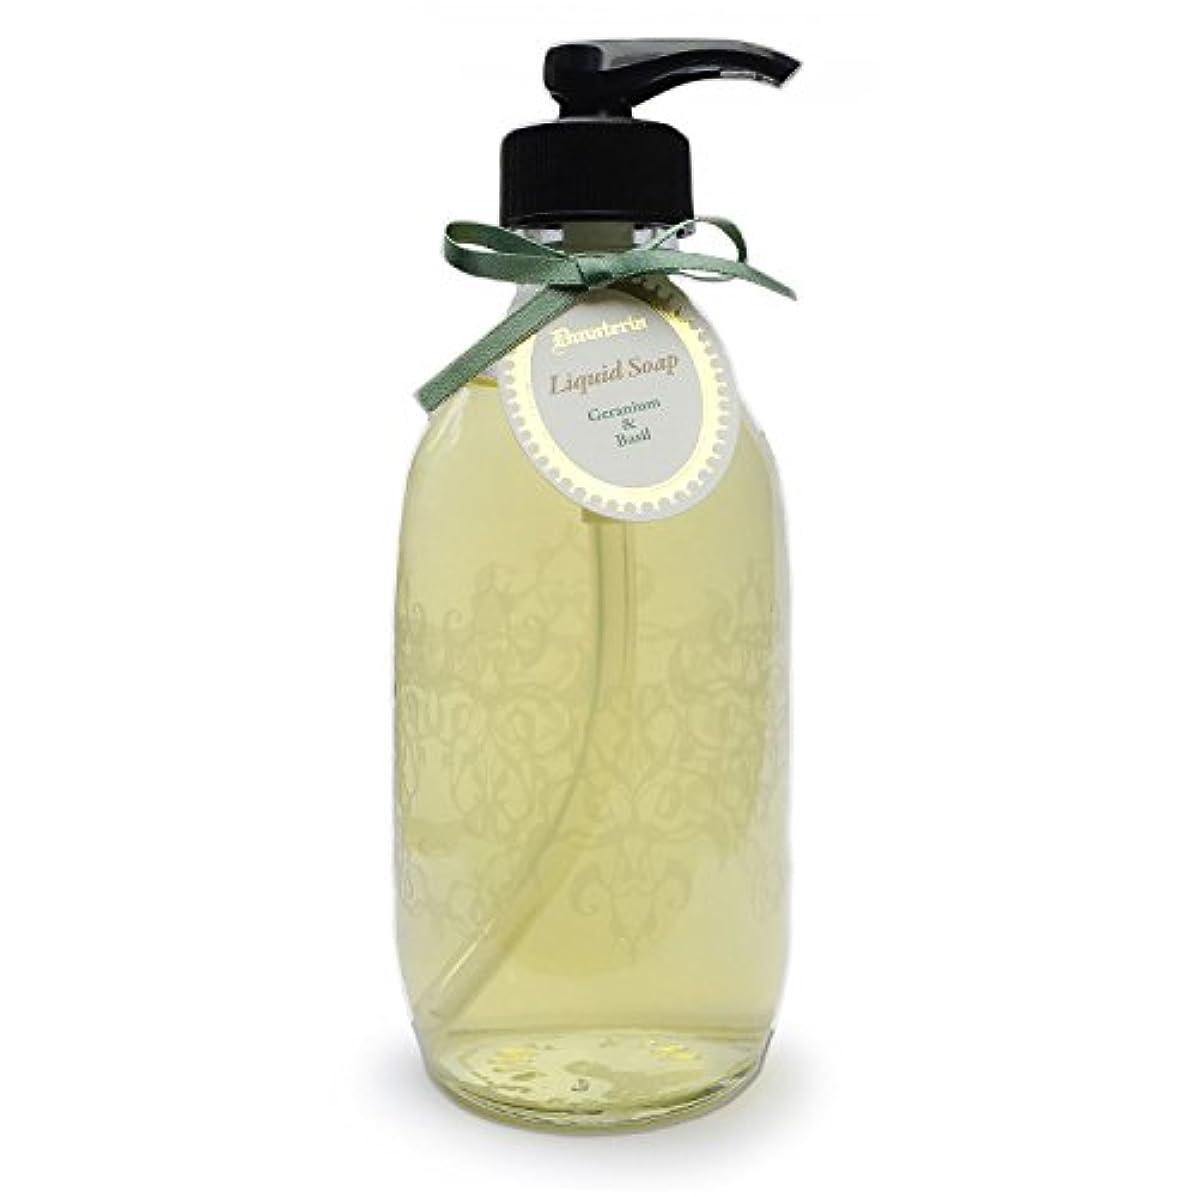 中古詳細に鈍いD materia リキッドソープ ゼラニウム&バジル Geranium&Basil Liquid Soap ディーマテリア